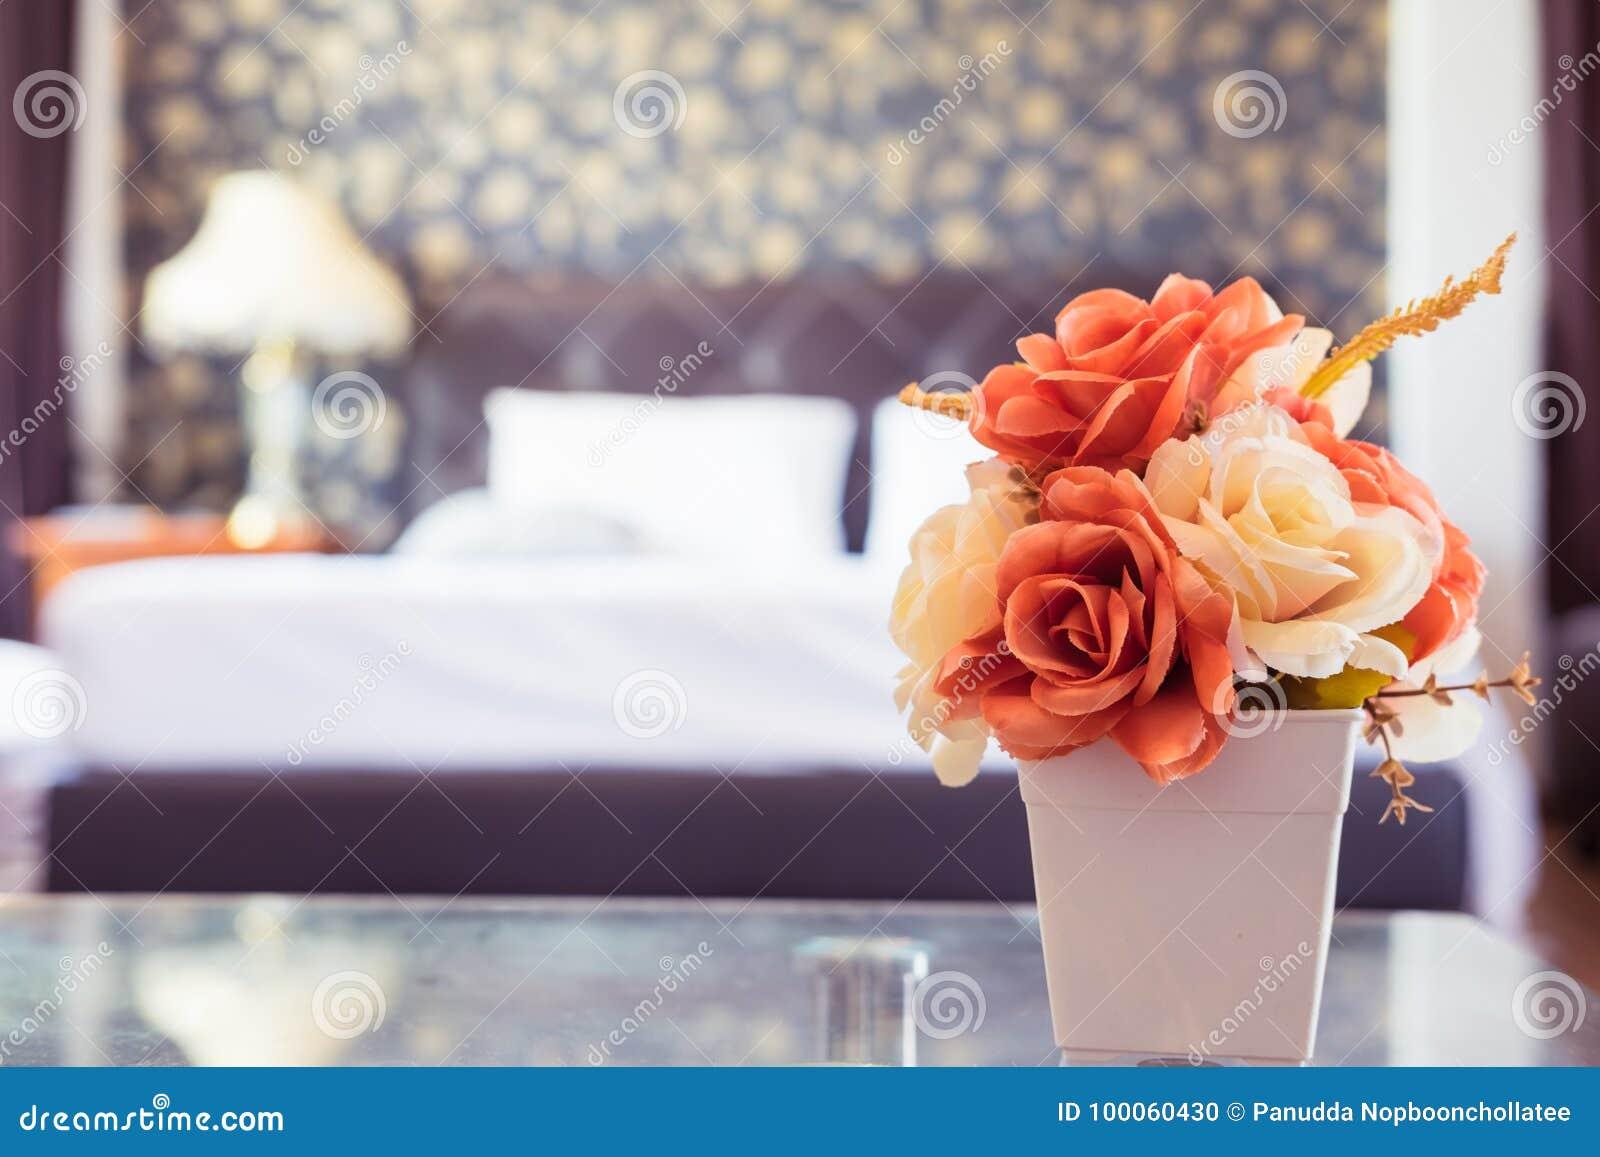 Belle Rose Orange Et Blanche Dans La Chambre à Coucher Avec Le Filtre De  Vintage